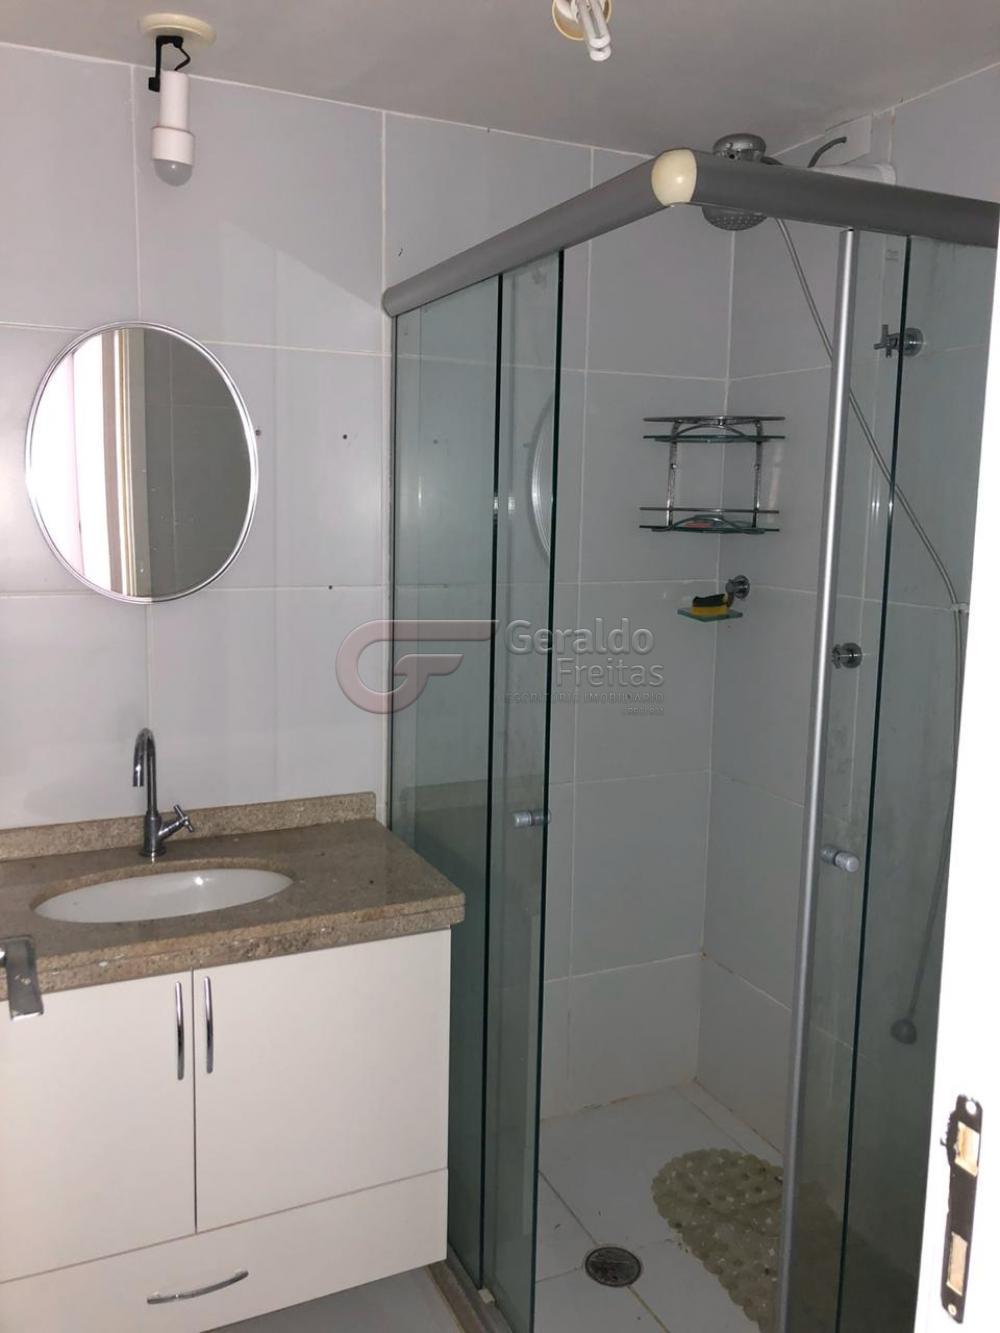 Comprar Apartamentos / Quarto Sala em Maceió apenas R$ 270.000,00 - Foto 7